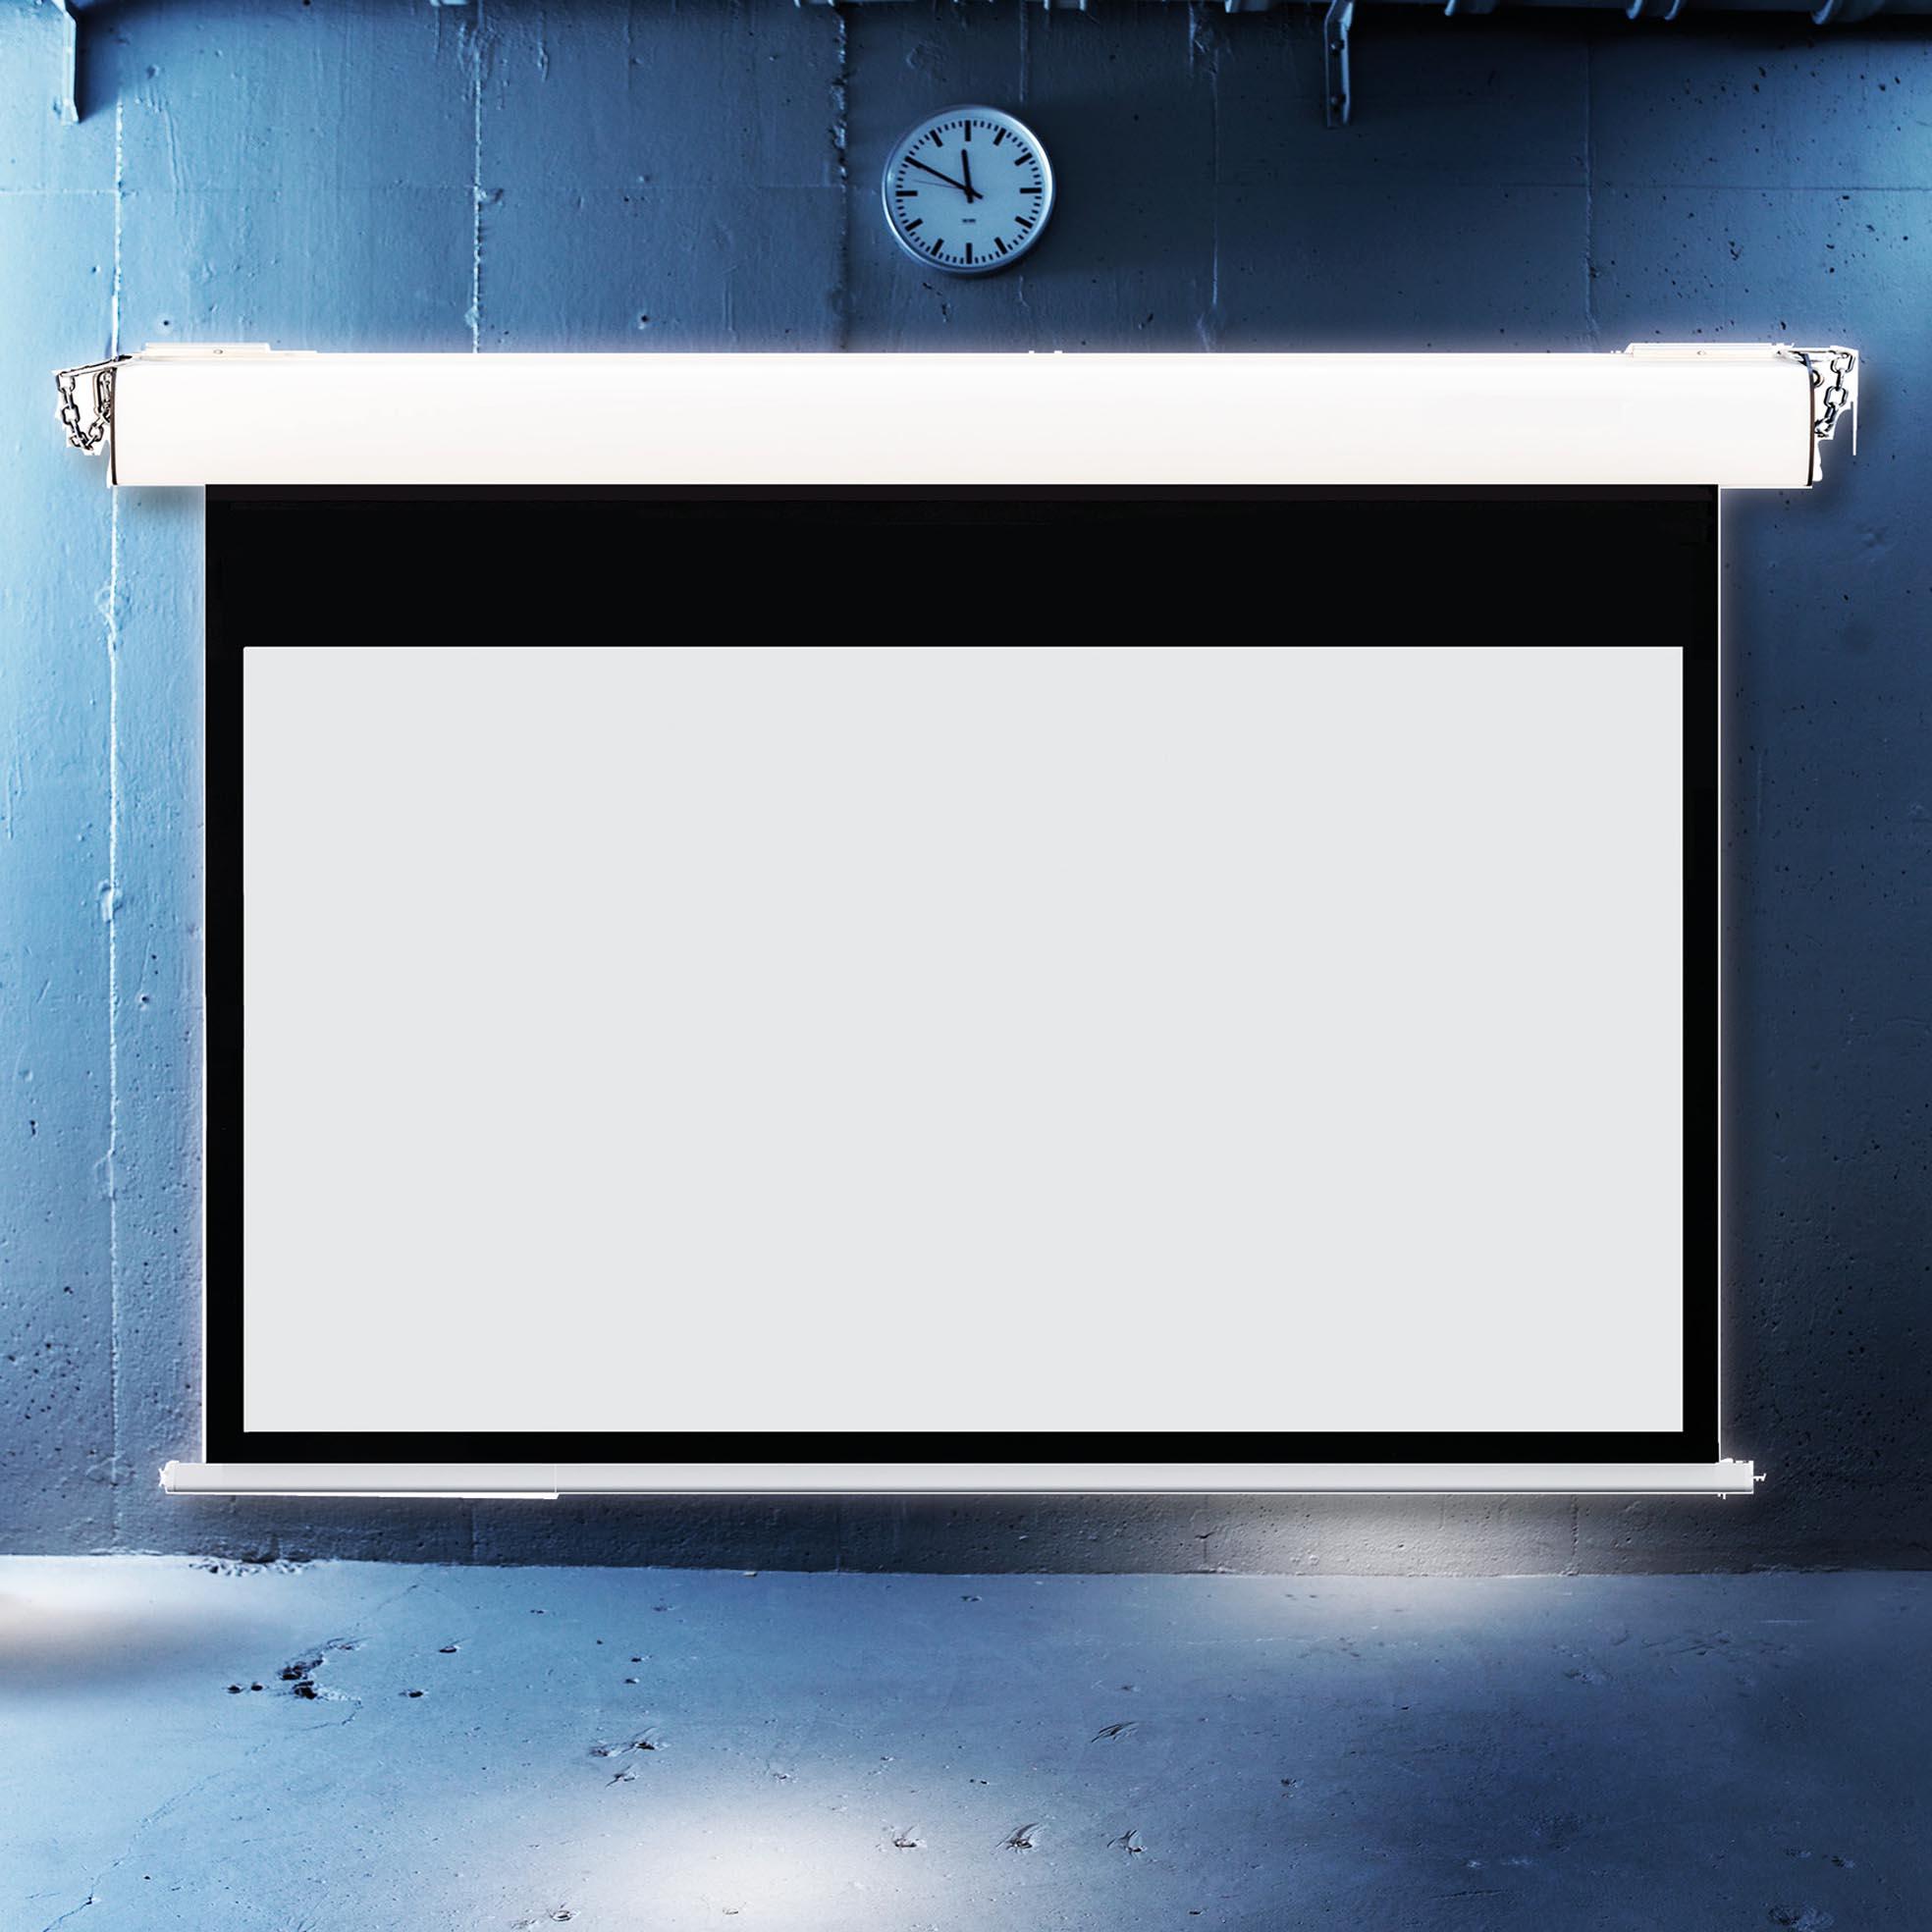 Elektrisk filmduk för aulor, skolor och kontor, i cool miljö, från Kingpin Screens